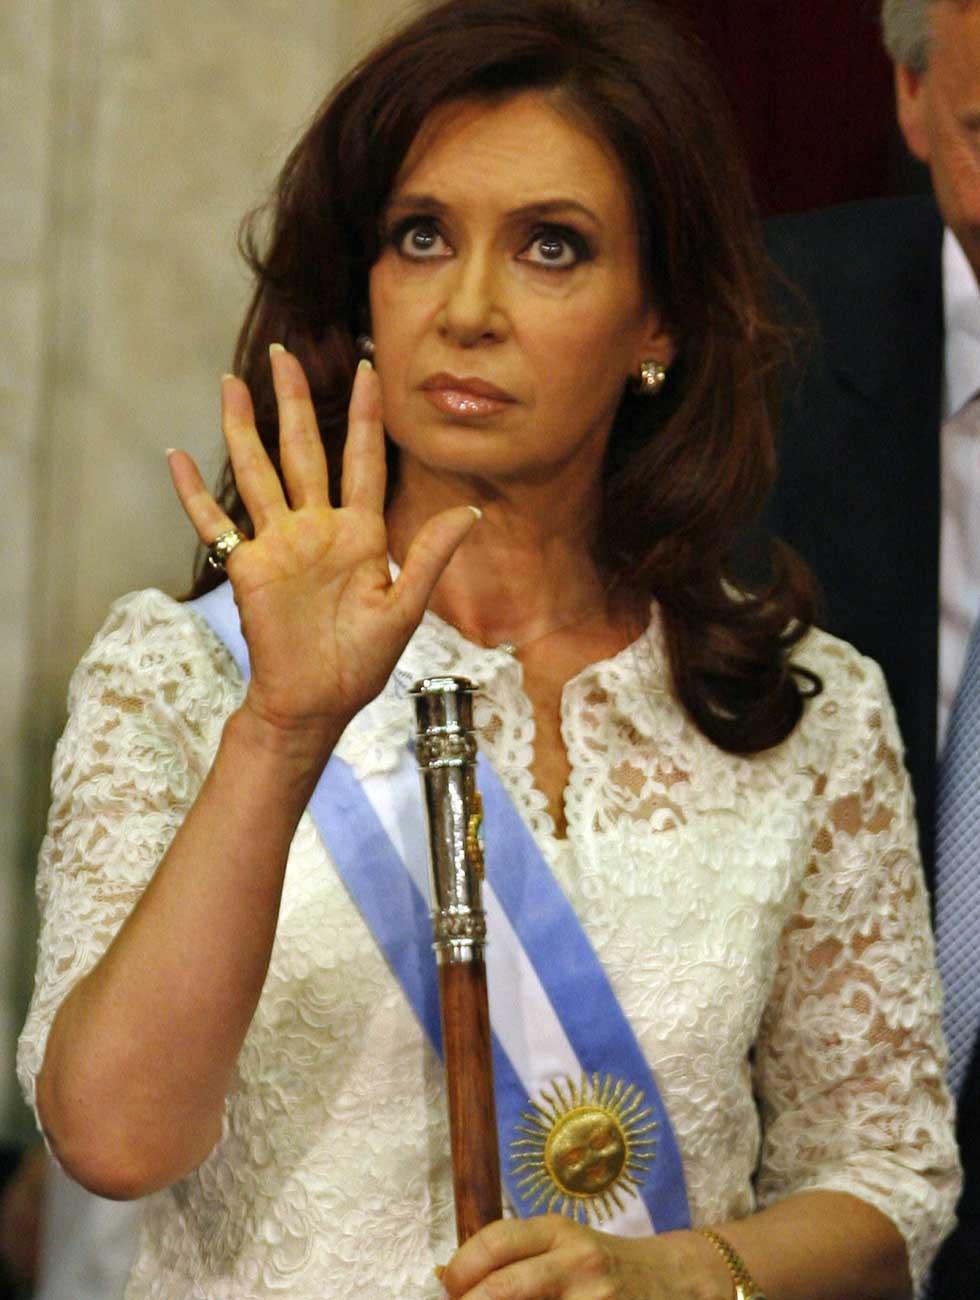 http://2.bp.blogspot.com/-5ffGGVCFYjQ/Tr7Or7lqxRI/AAAAAAAAAxw/876FD8RWc8U/s0/Cristina_Fernandez.jpg